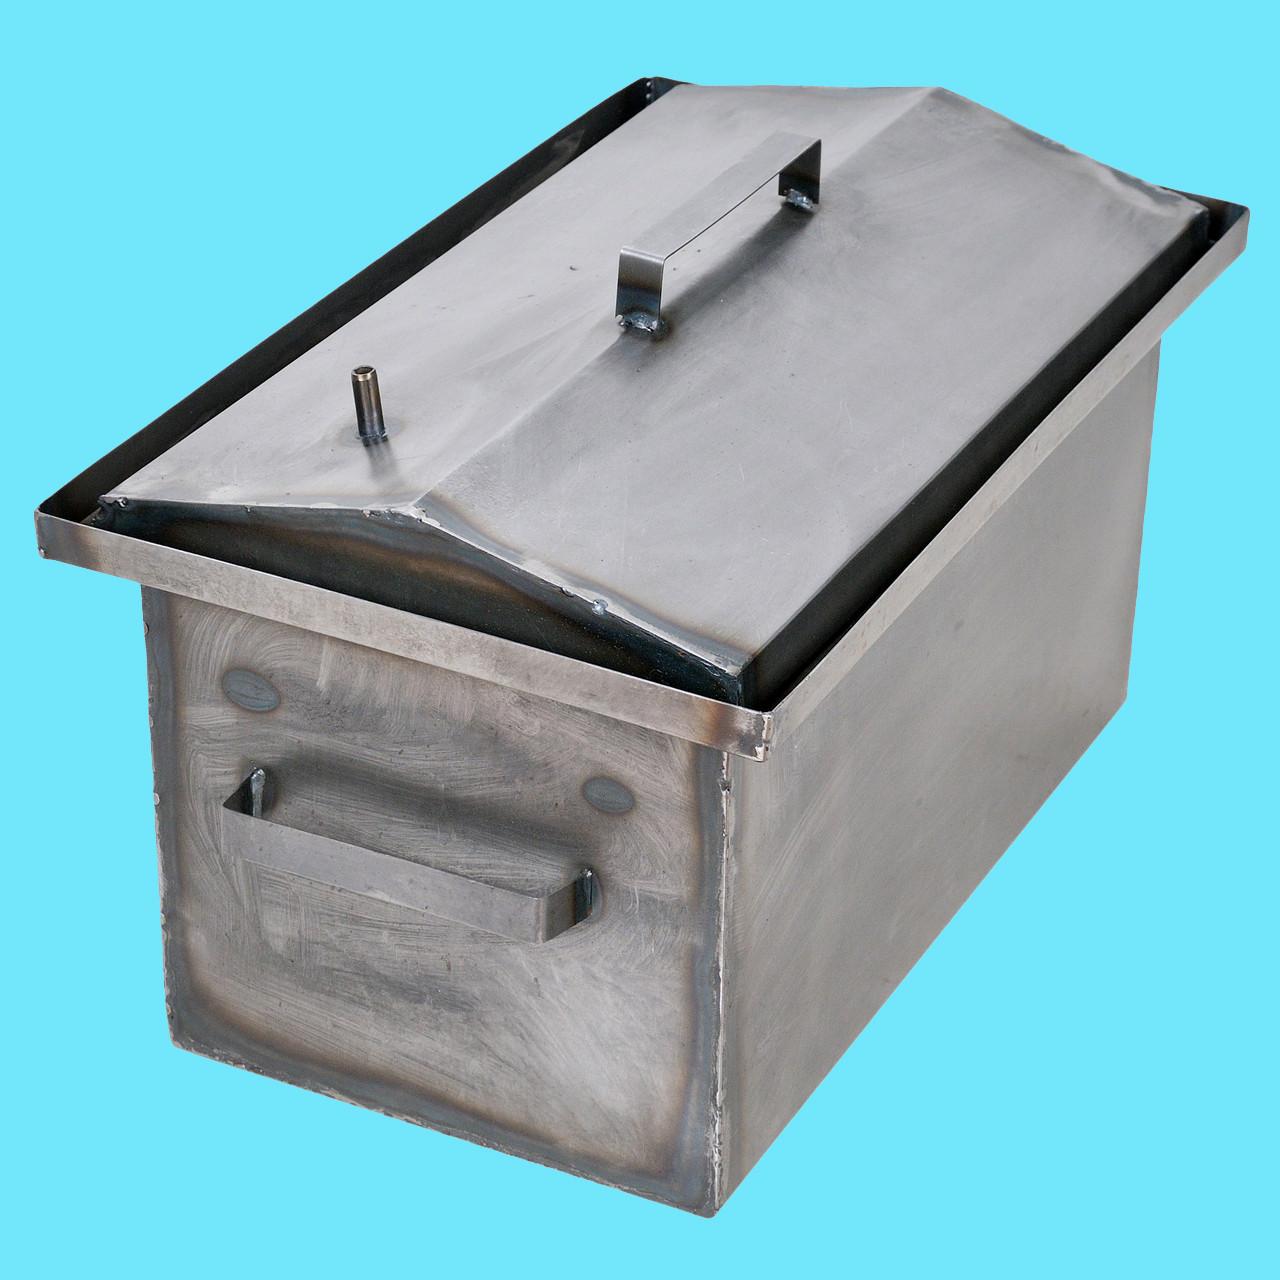 Коптильня горячего копчения 1мм 520х310х260мм с Гидрозатвором (коптилка,каптилка)